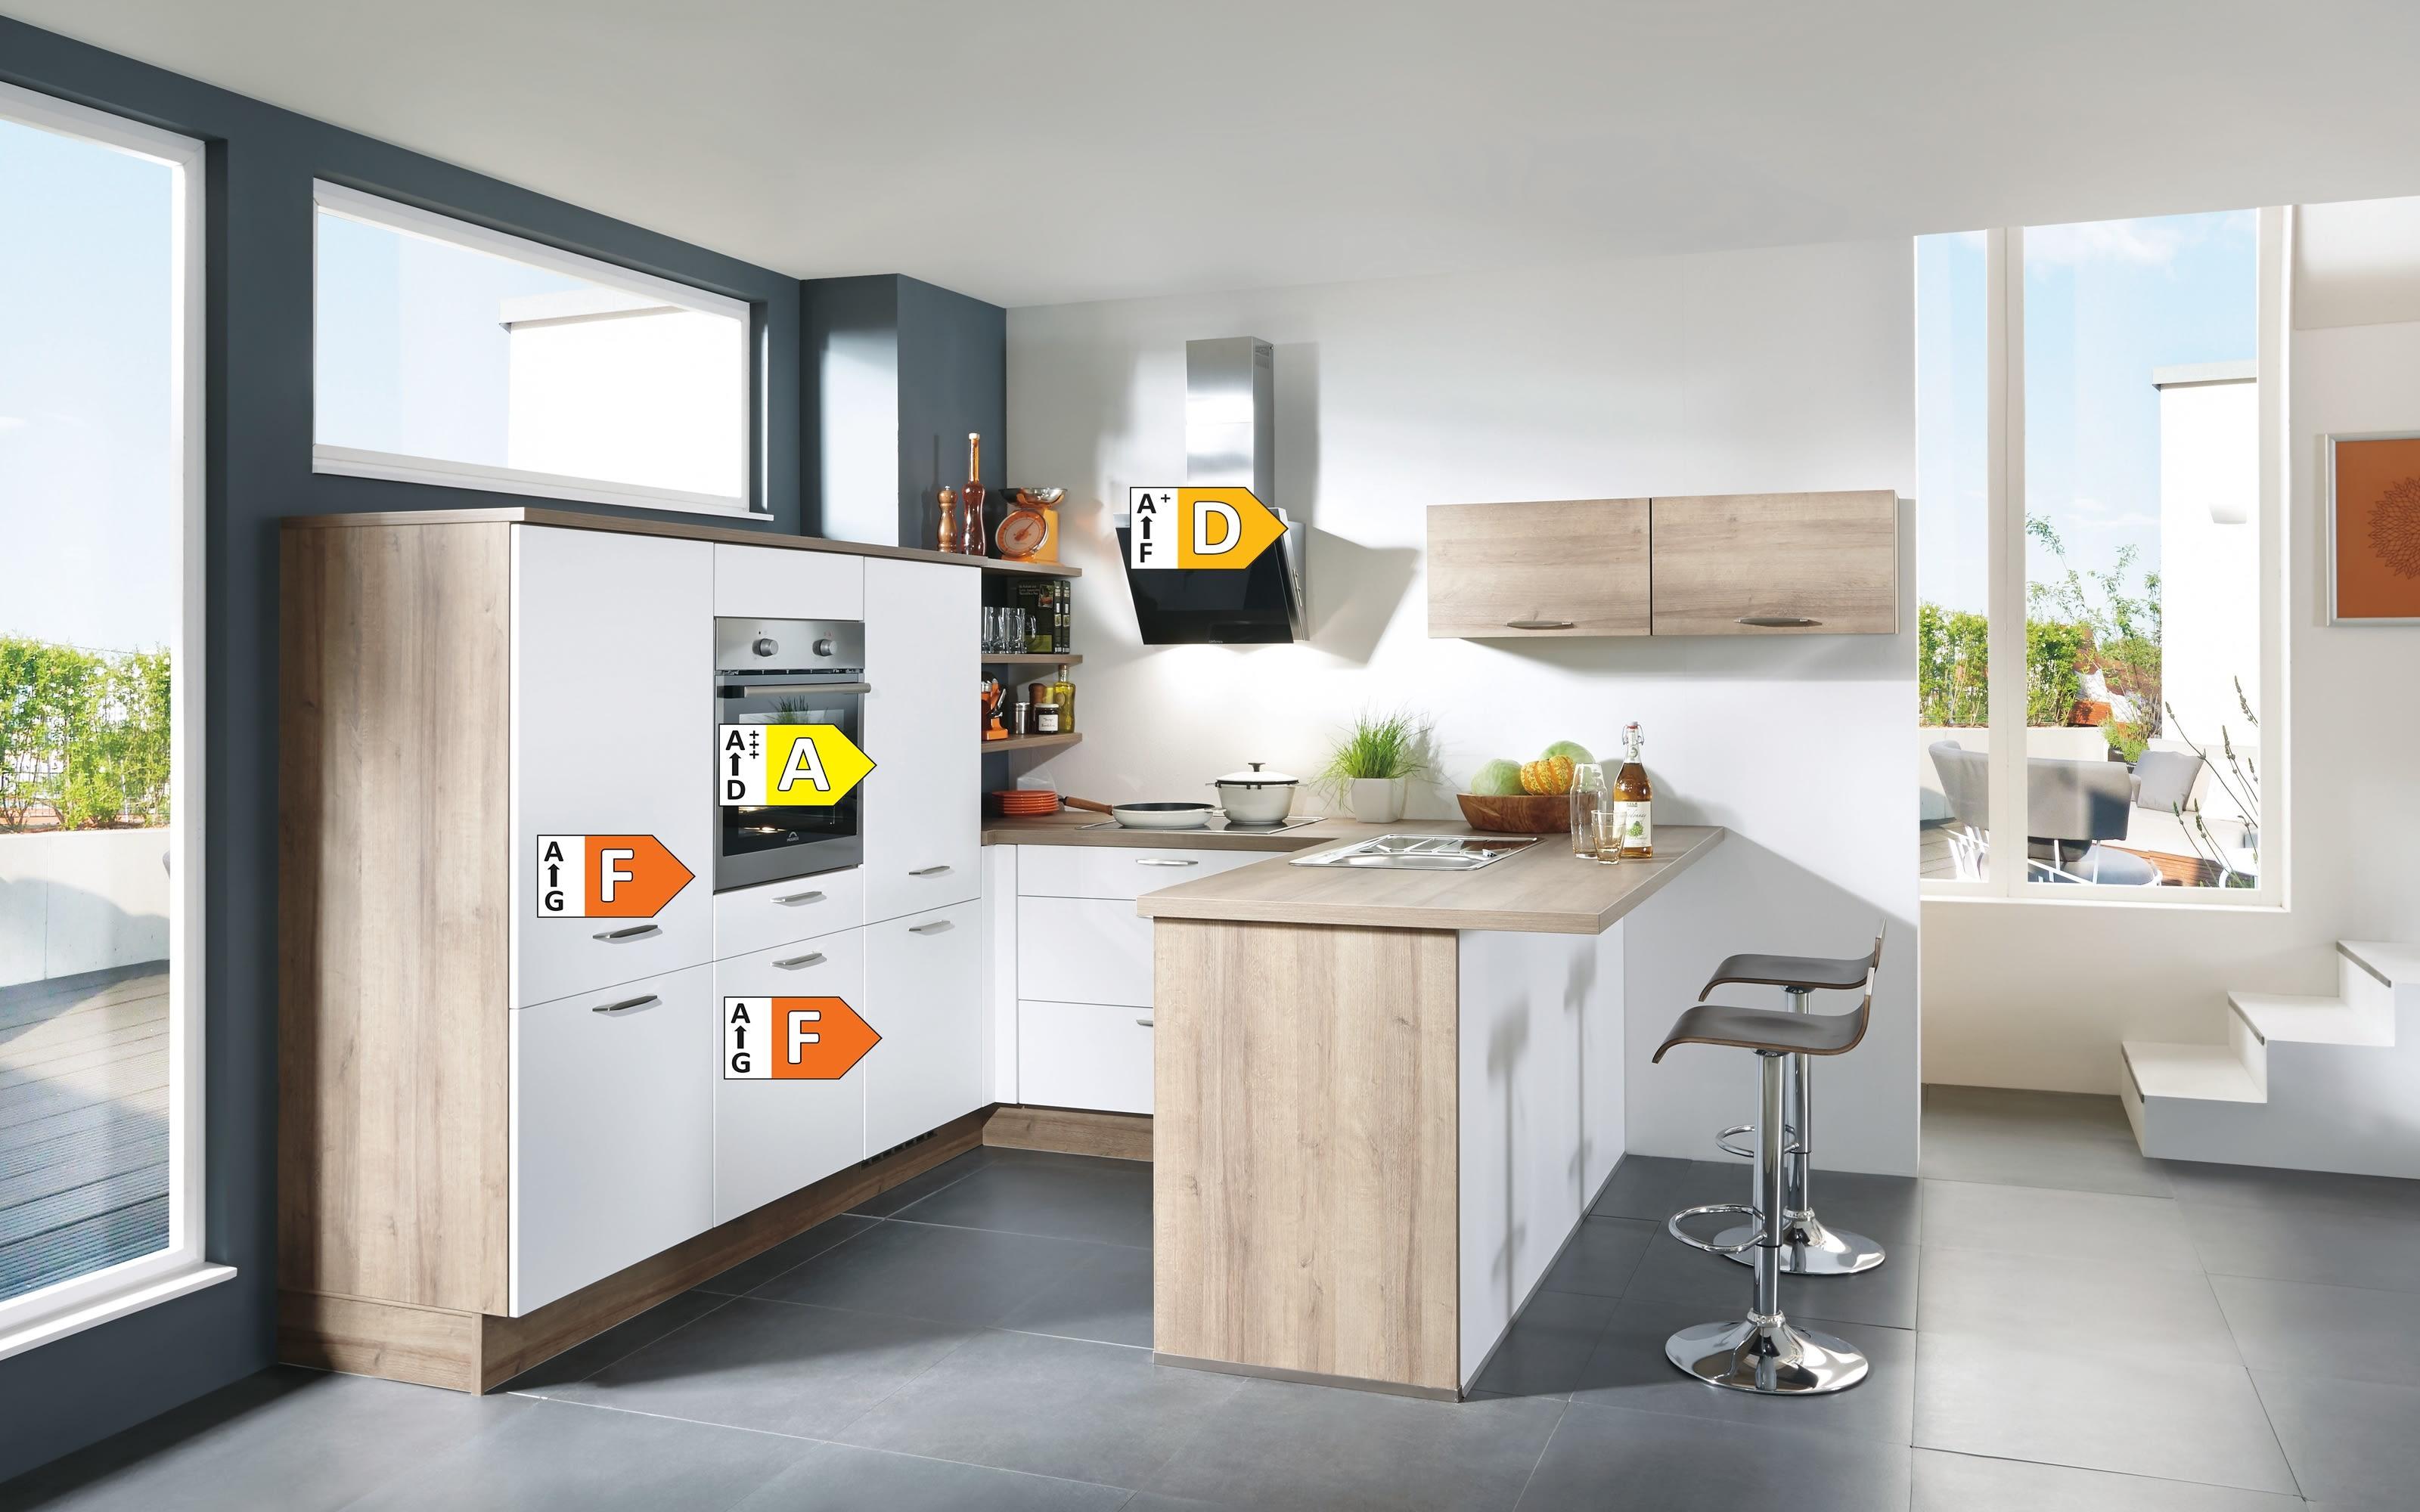 Einbauküche Flash, magnolie Hochglanz, inklusive Elektrogeräte